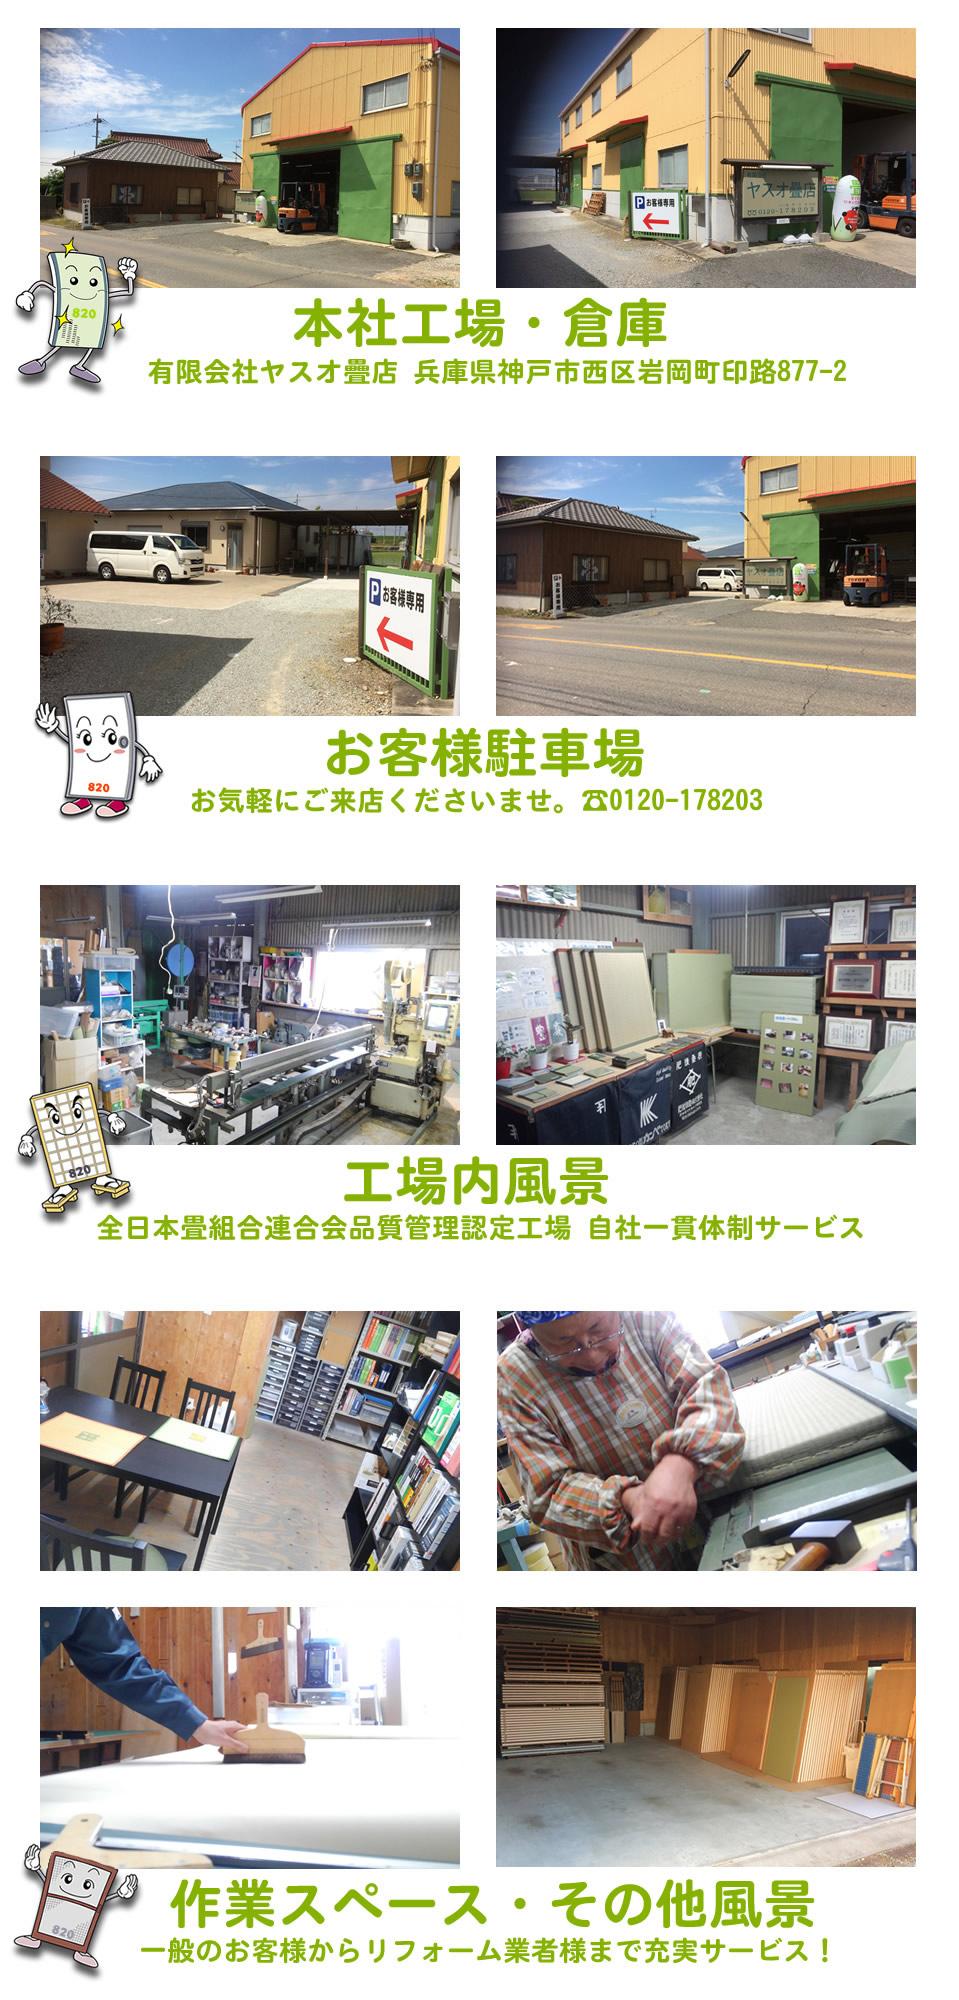 本社工場、倉庫、お客様駐車場、工場内風景、作業スペース 写真